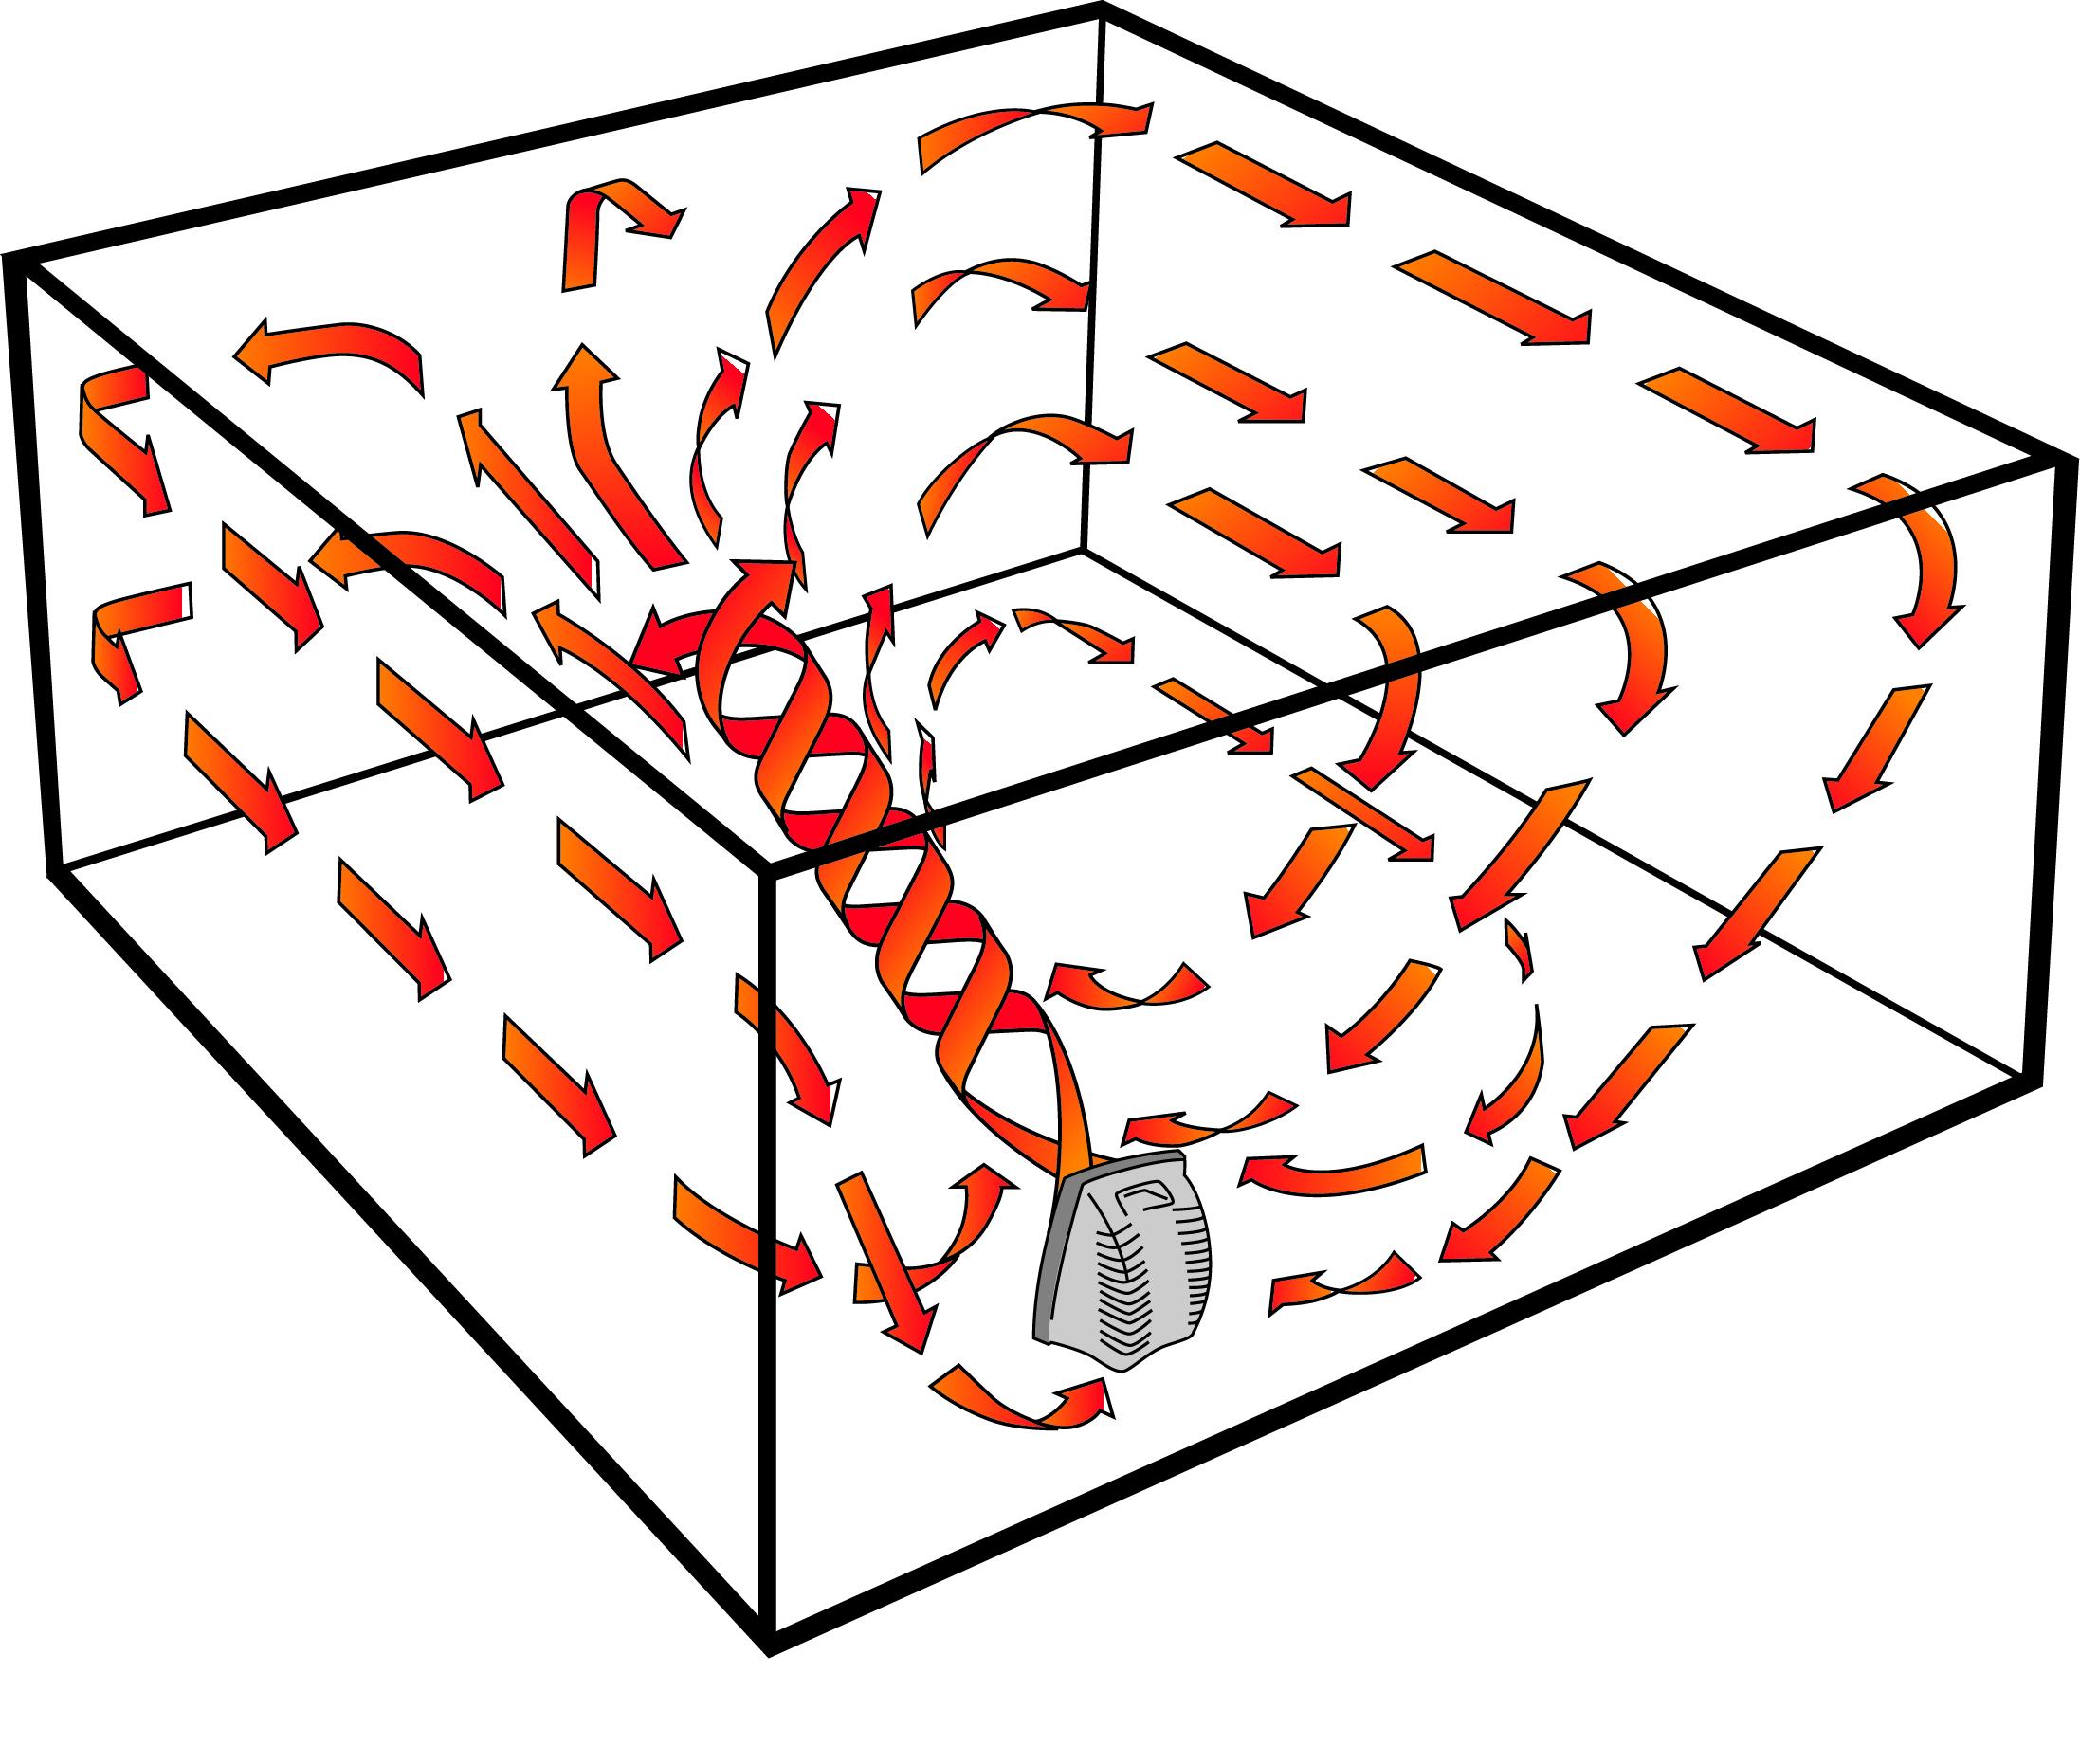 Zasada działania termowentylatora Vornado iControl